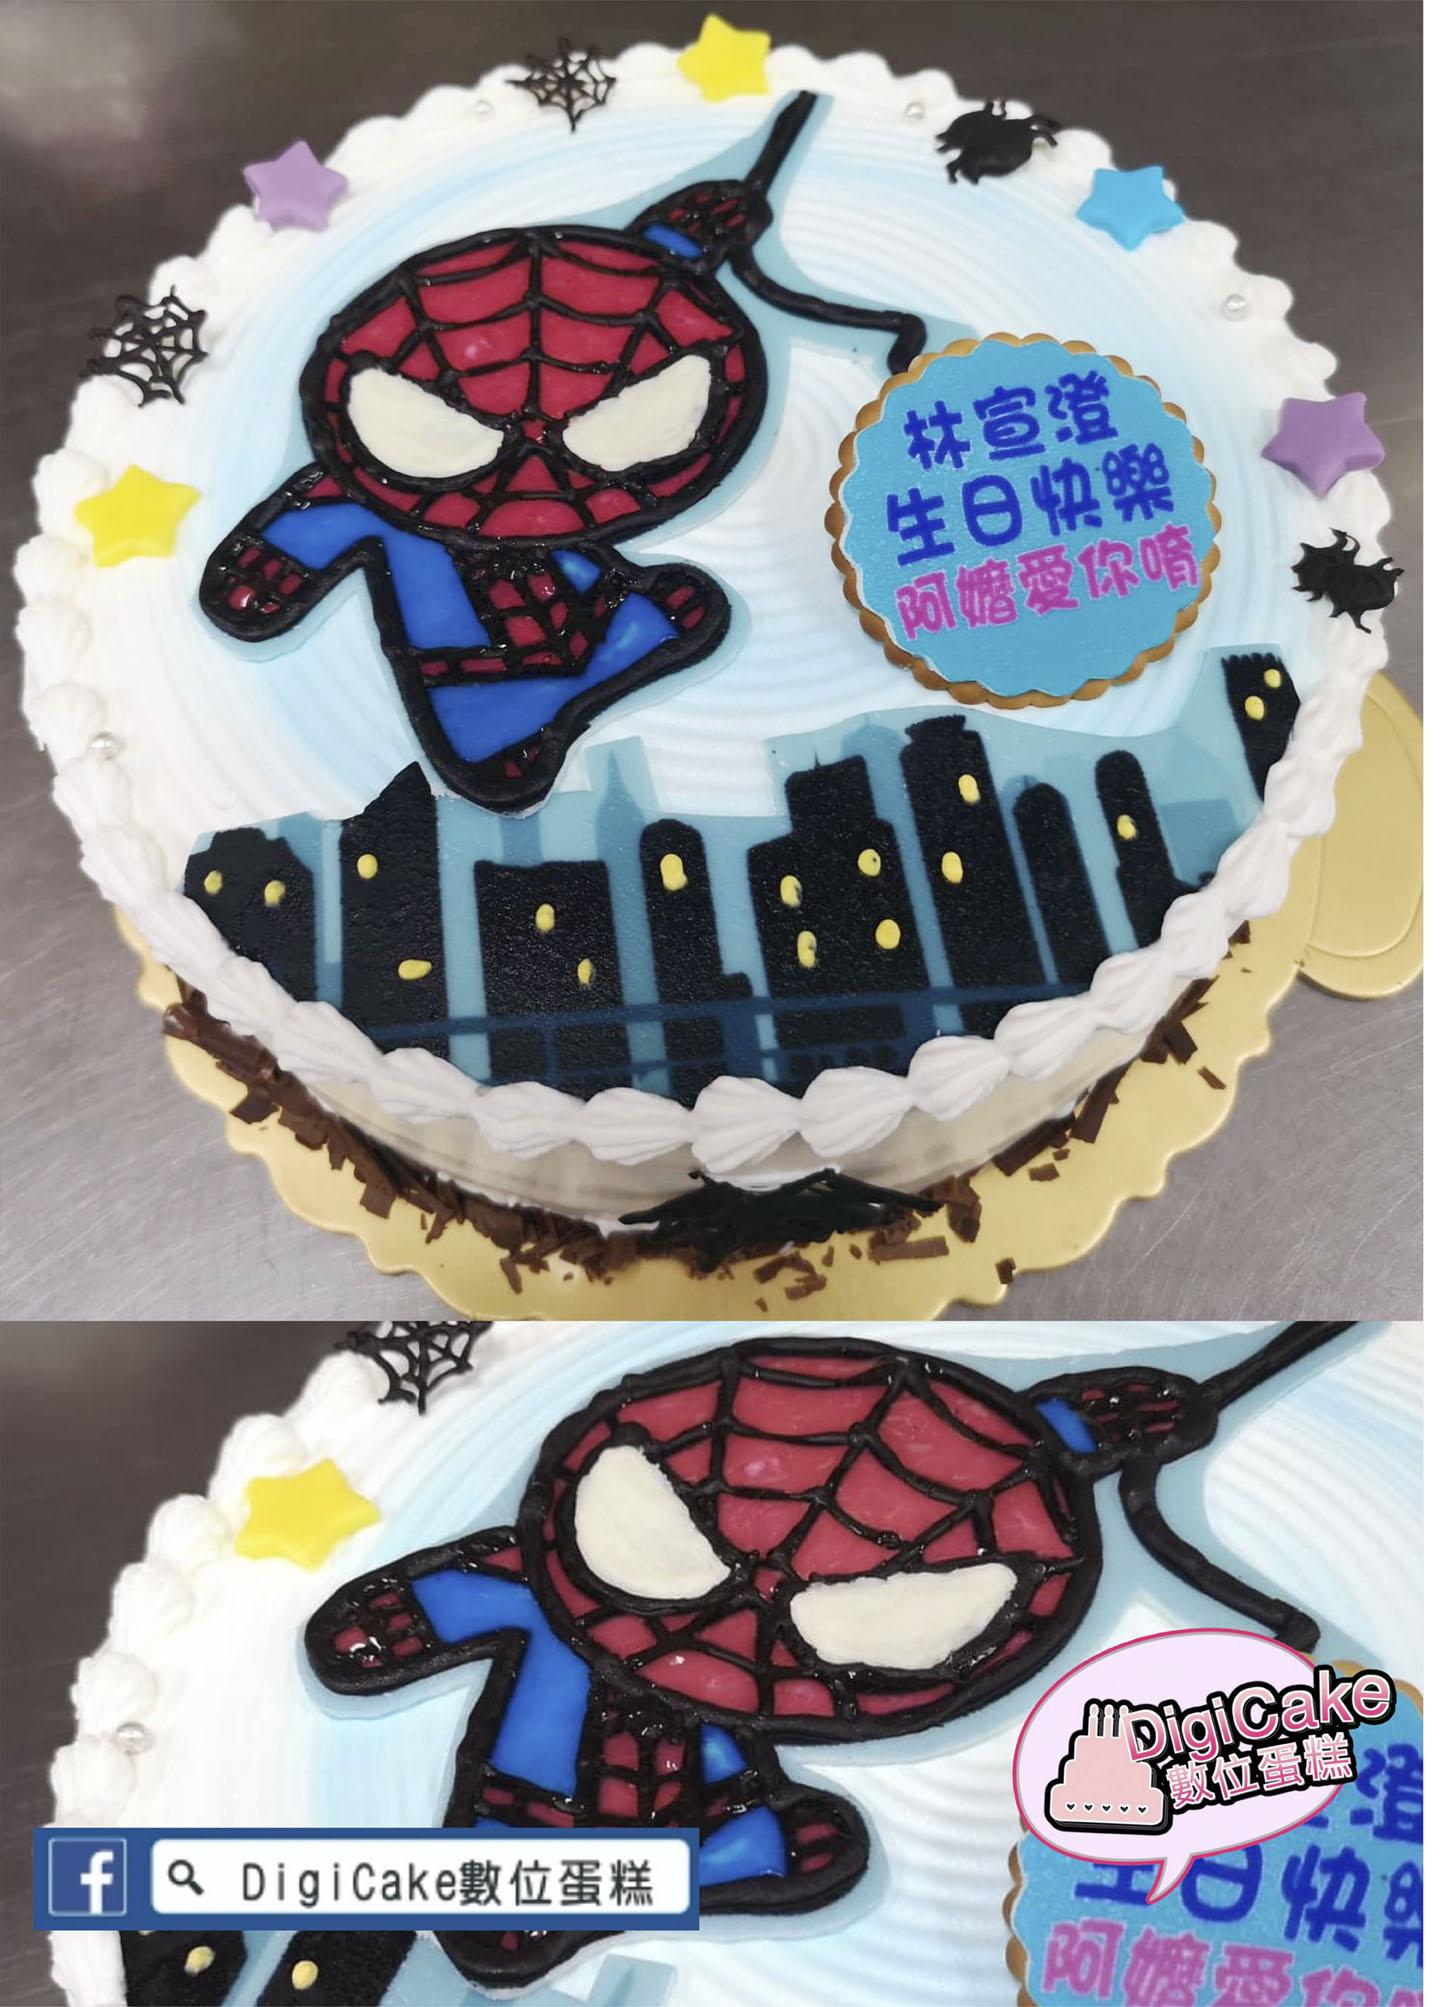 點此進入蜘蛛人城市飛翔手繪蛋糕的詳細資料!